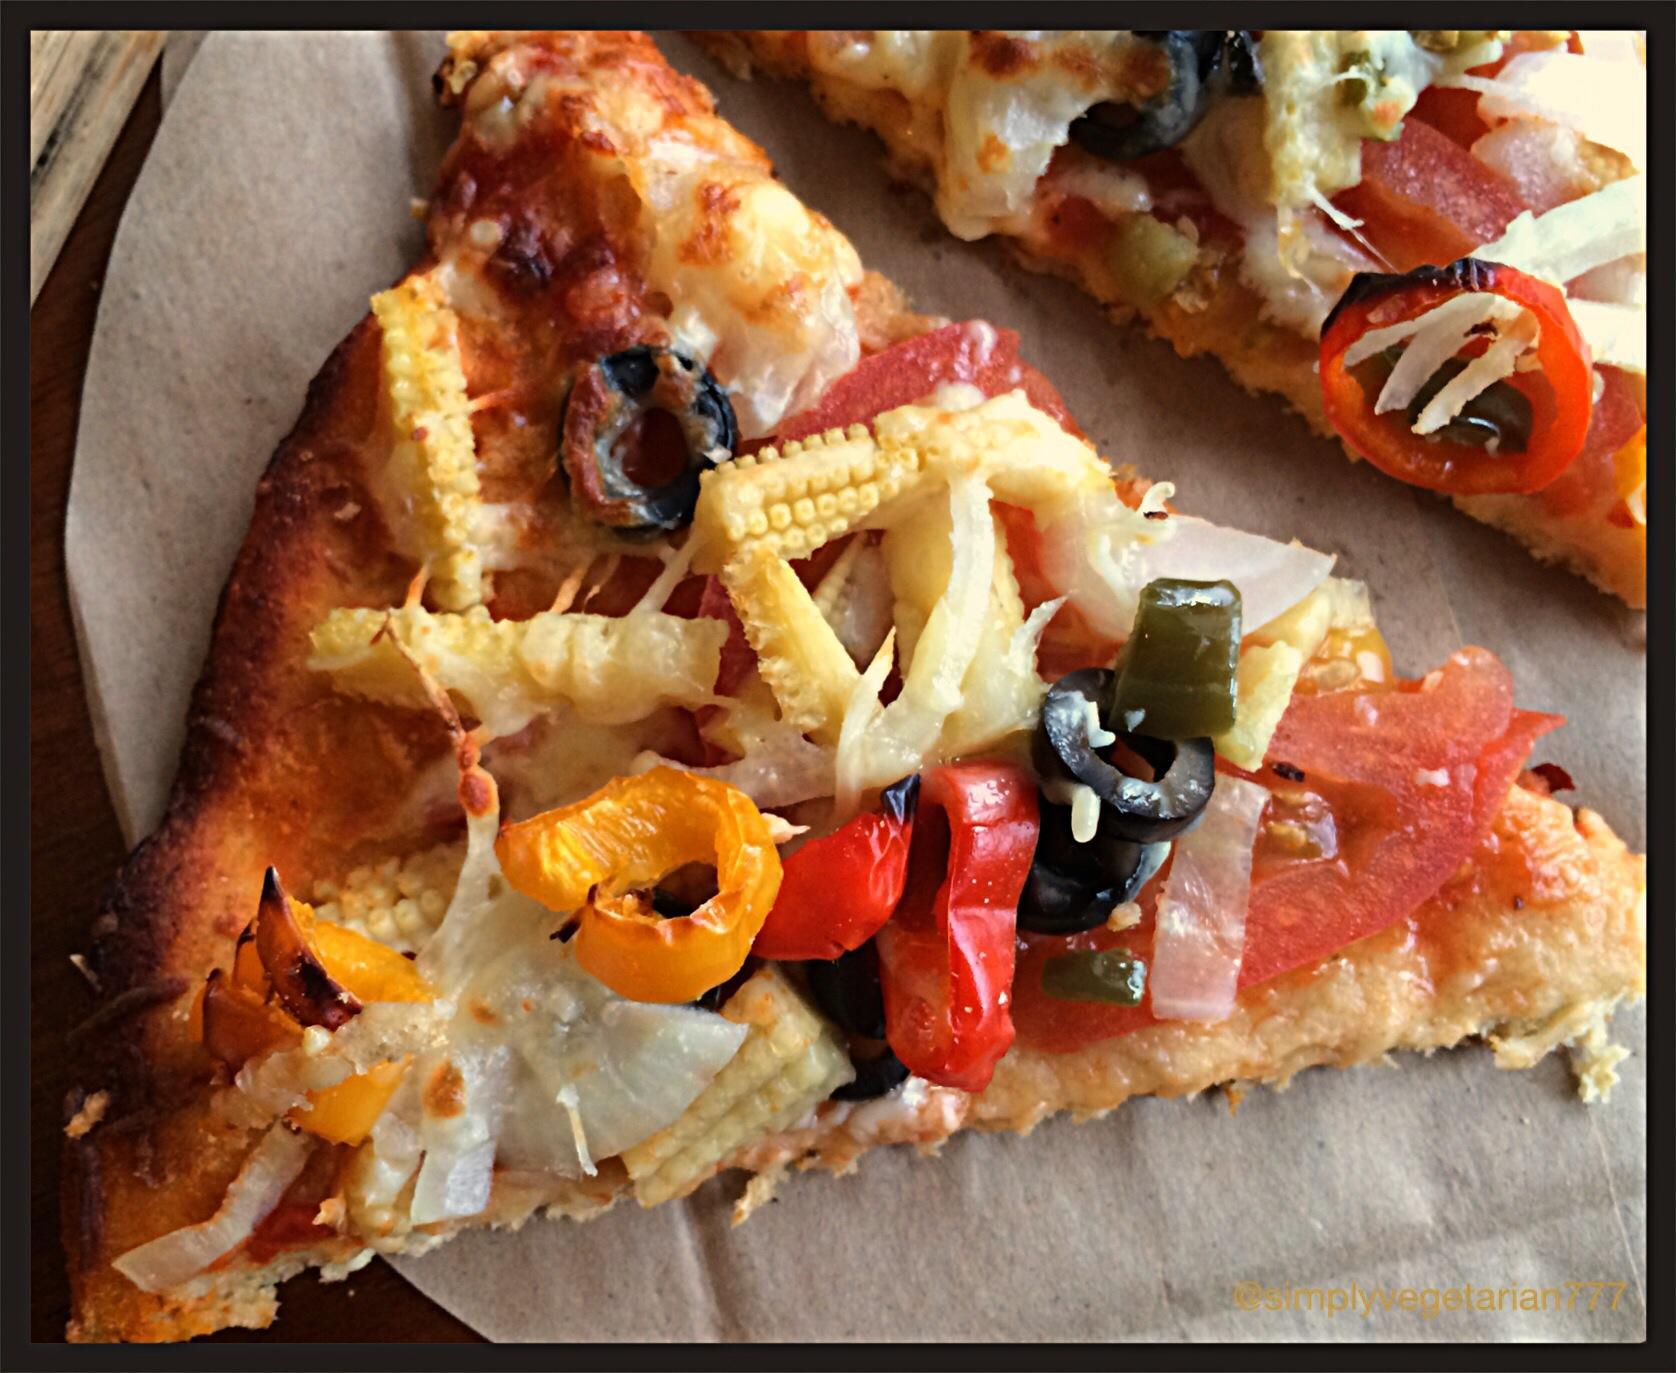 Baby Corn & Jalapeno WW Pizza